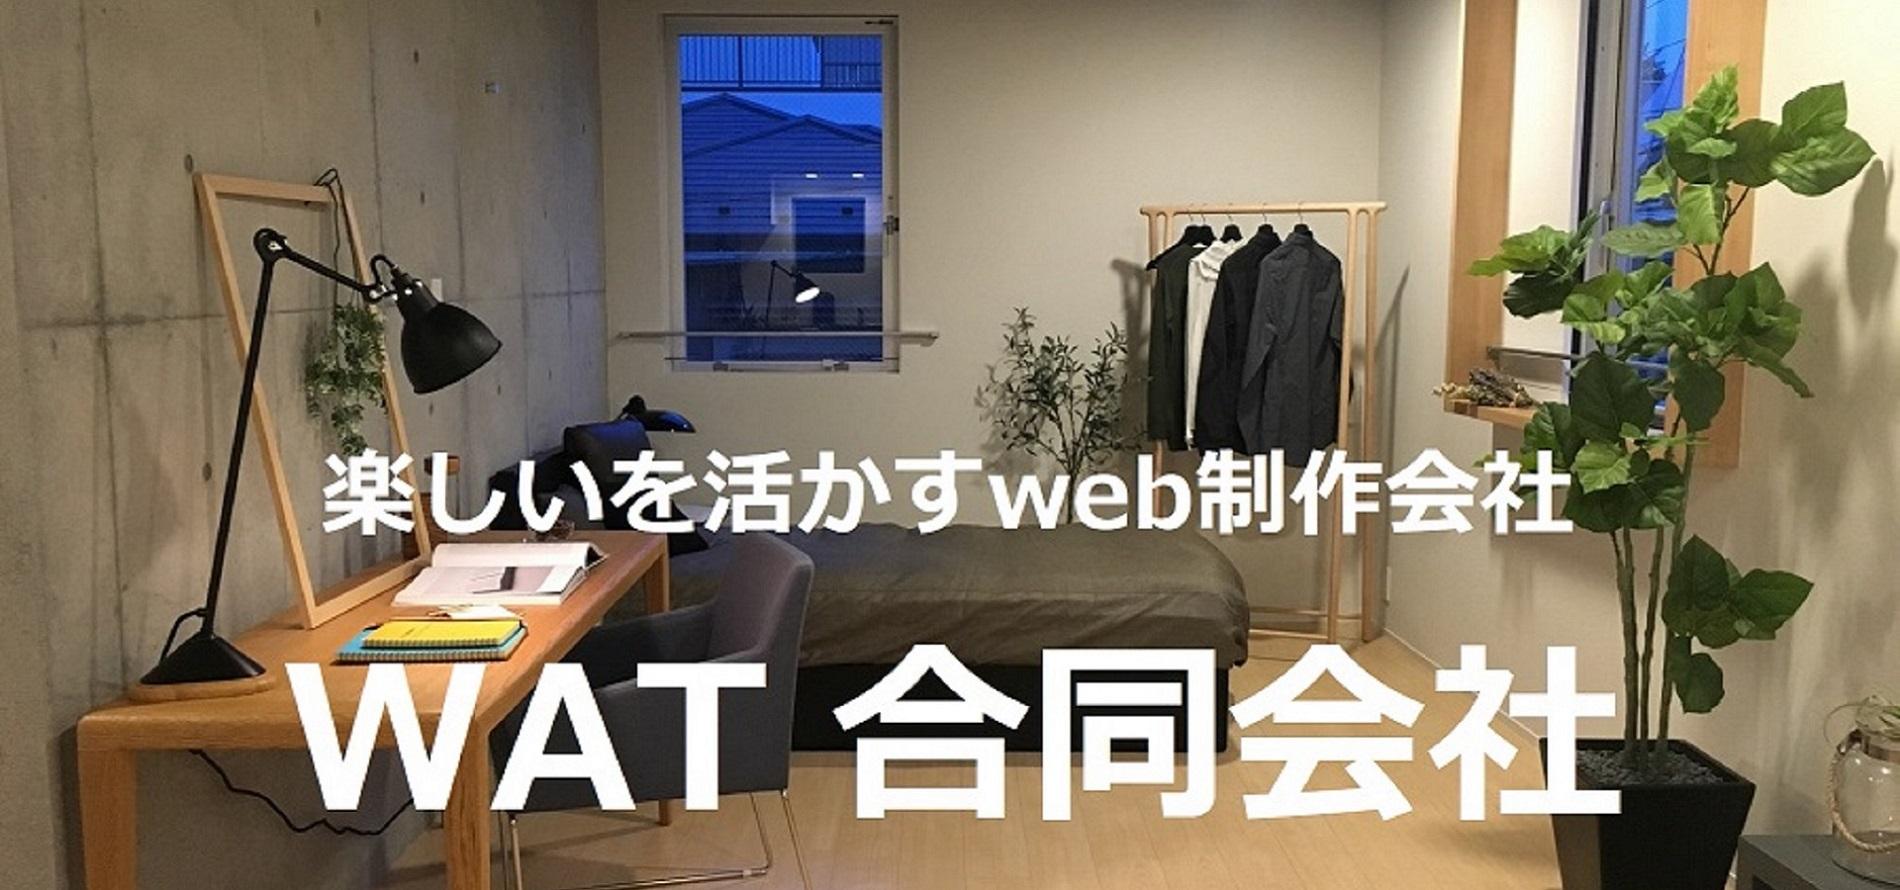 ホームページ制作会社 WAT合同会社